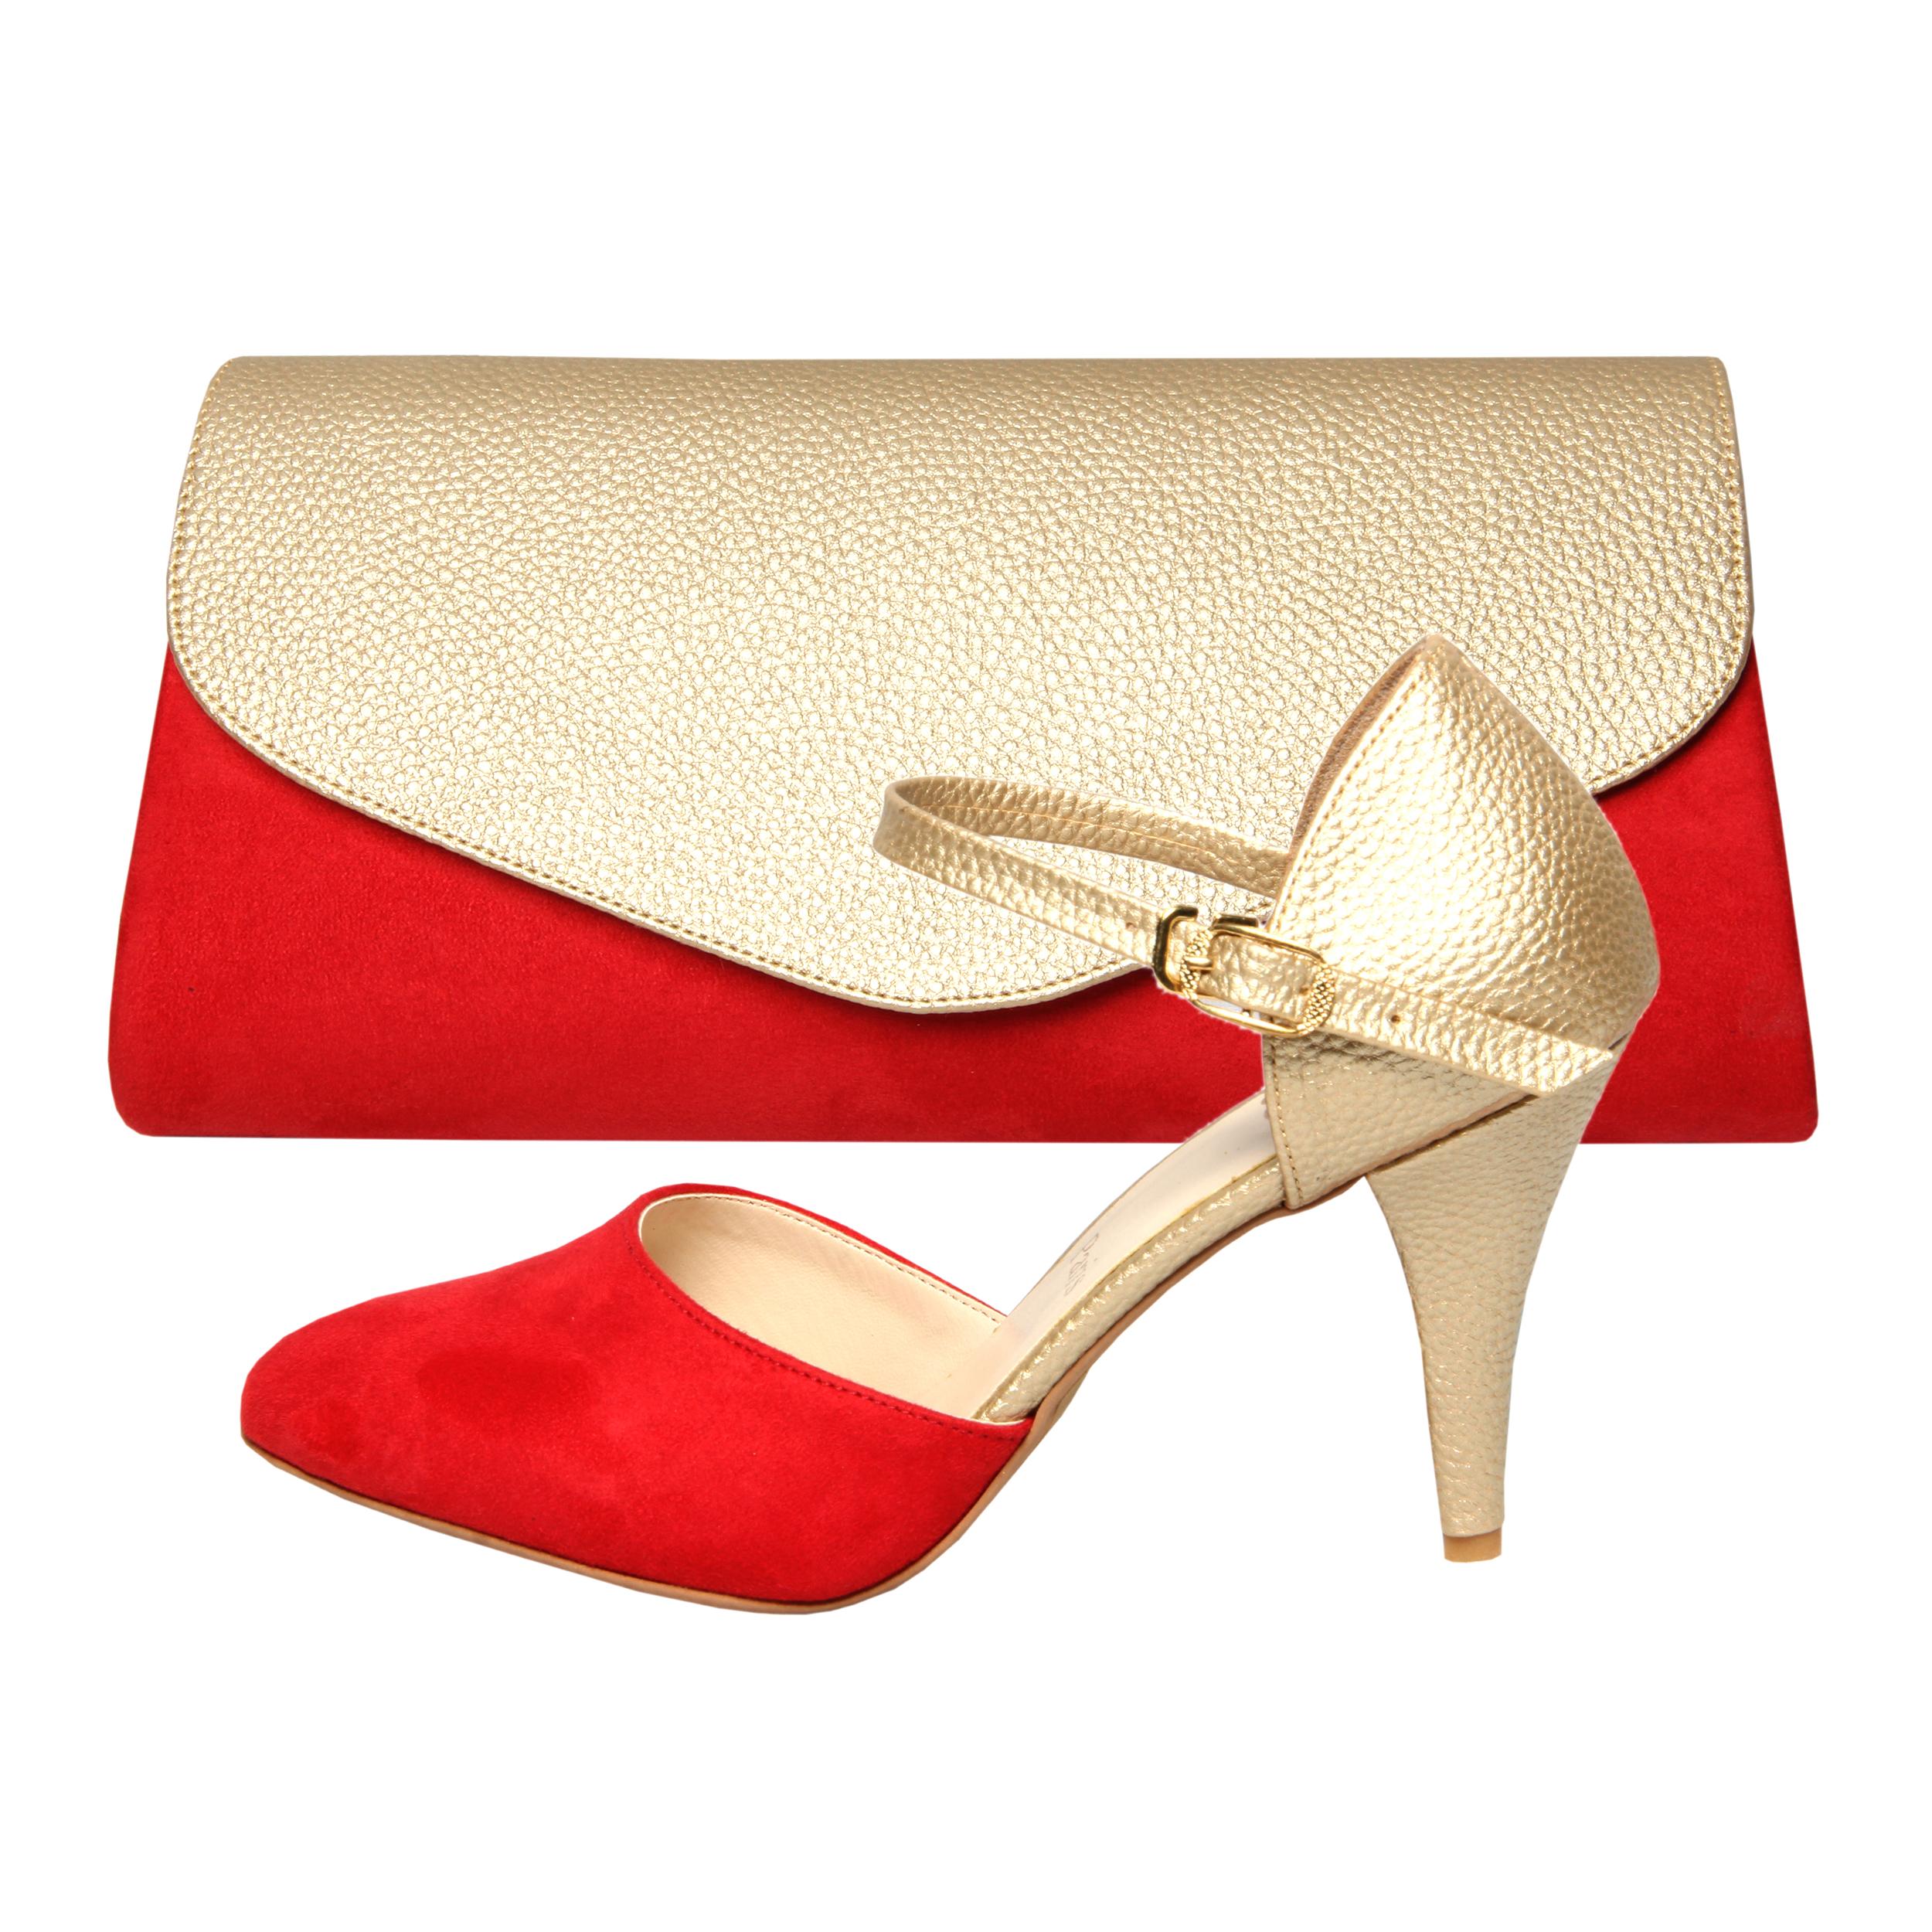 خرید                      ست کیف و کفش زنانه کد st470 رنگ قرمز